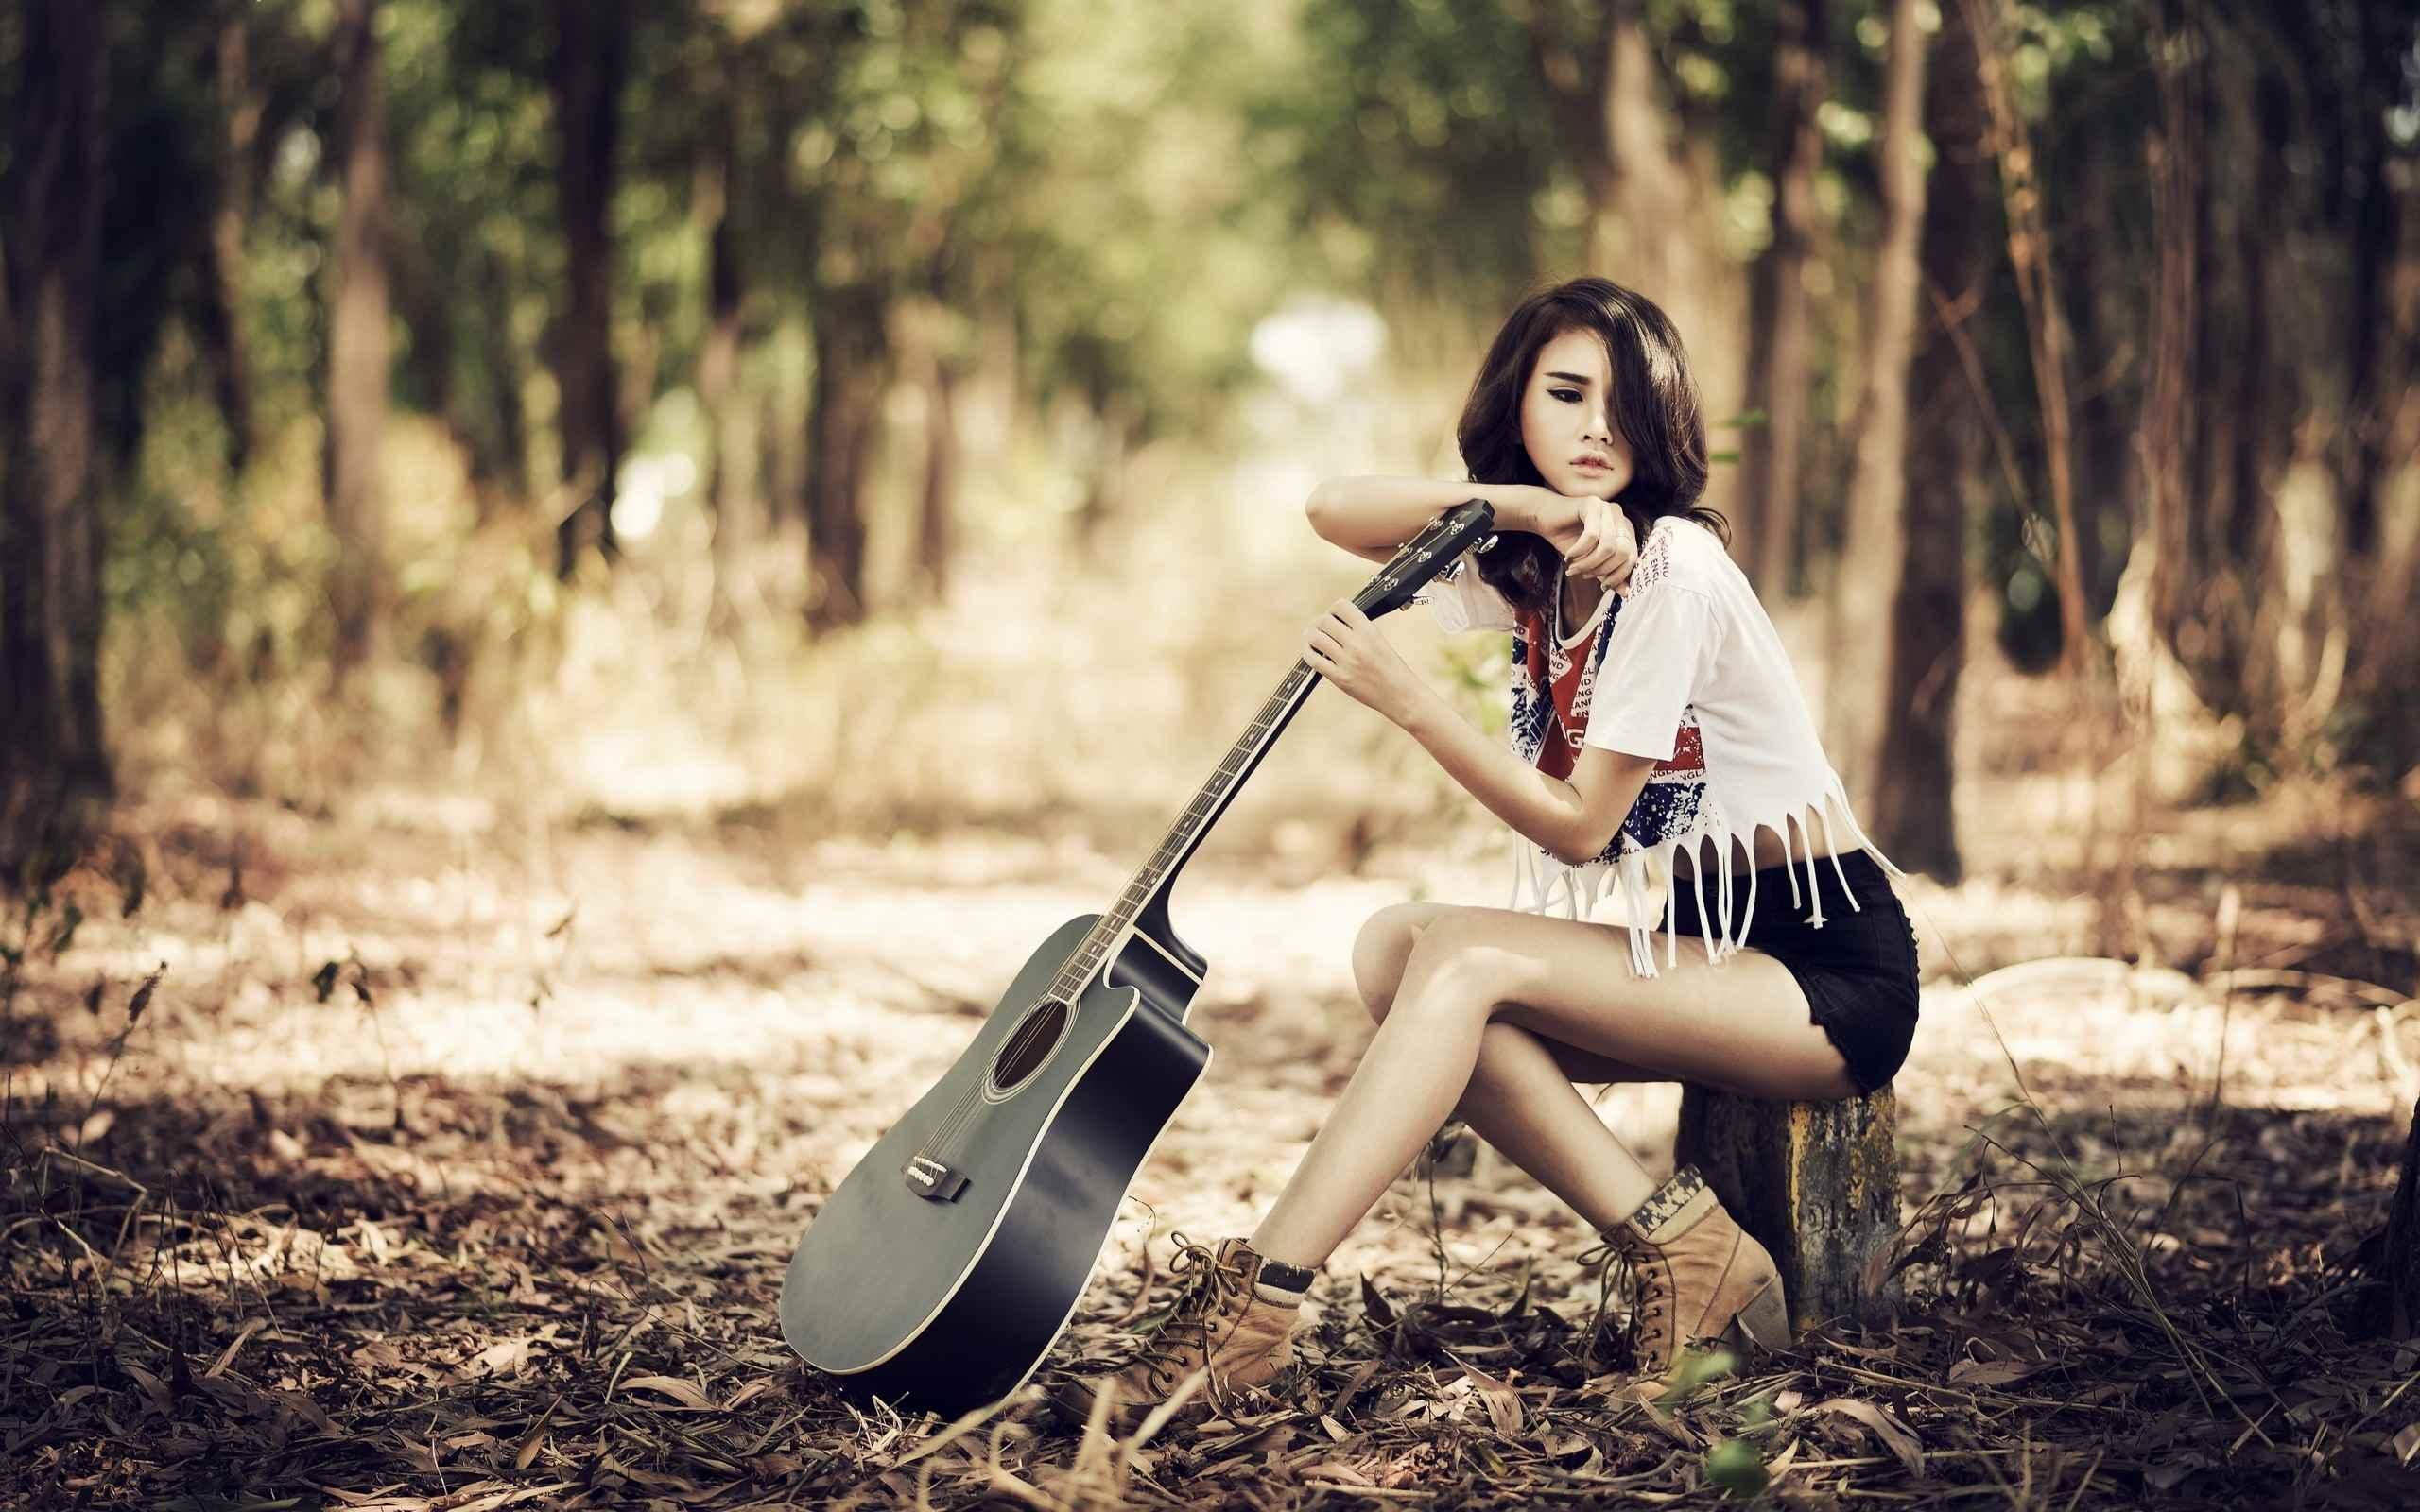 Красивая девушка с гитарой фото, картинки 12